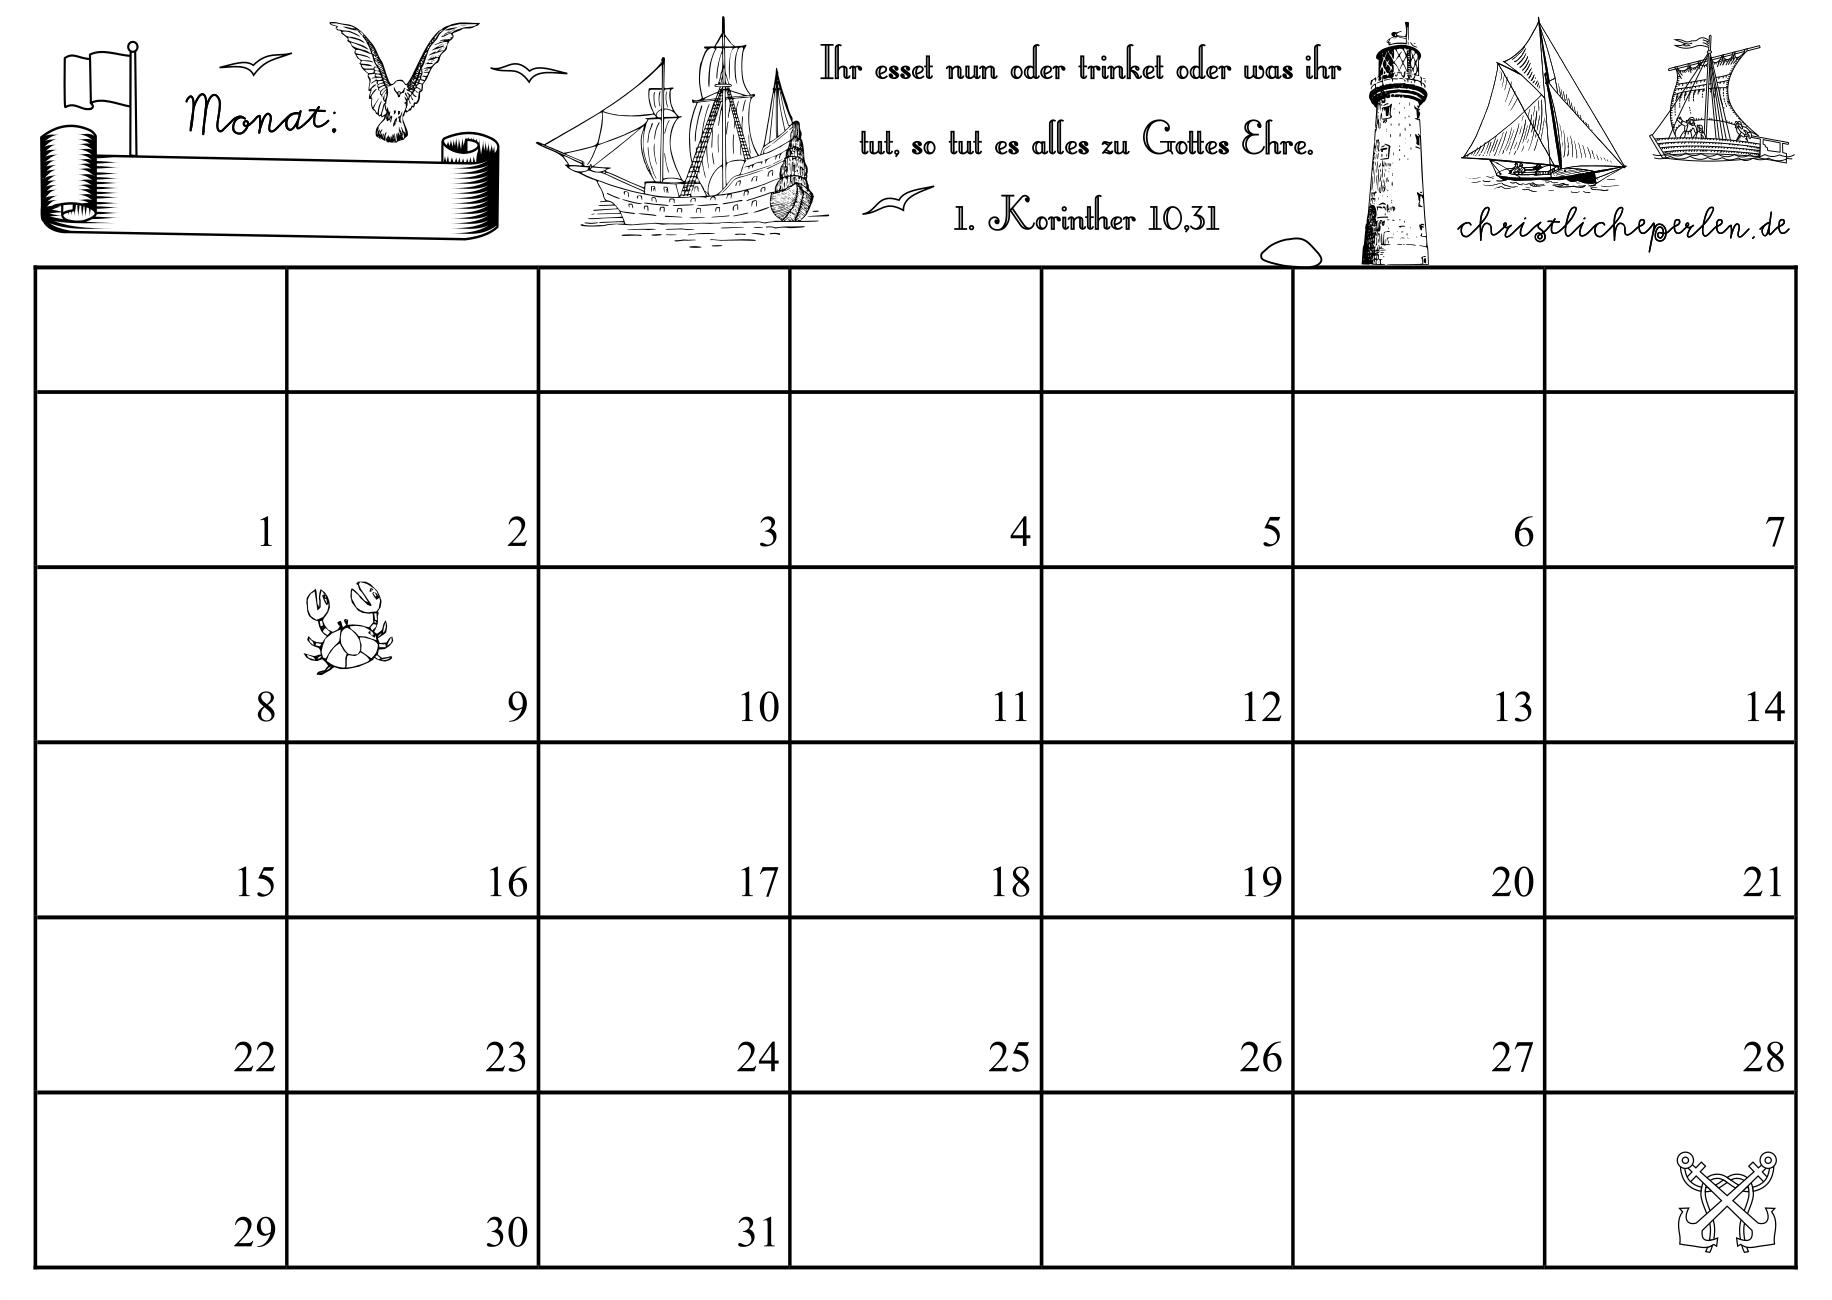 Monatskalender zum Ausdrucken | Christliche Perlen